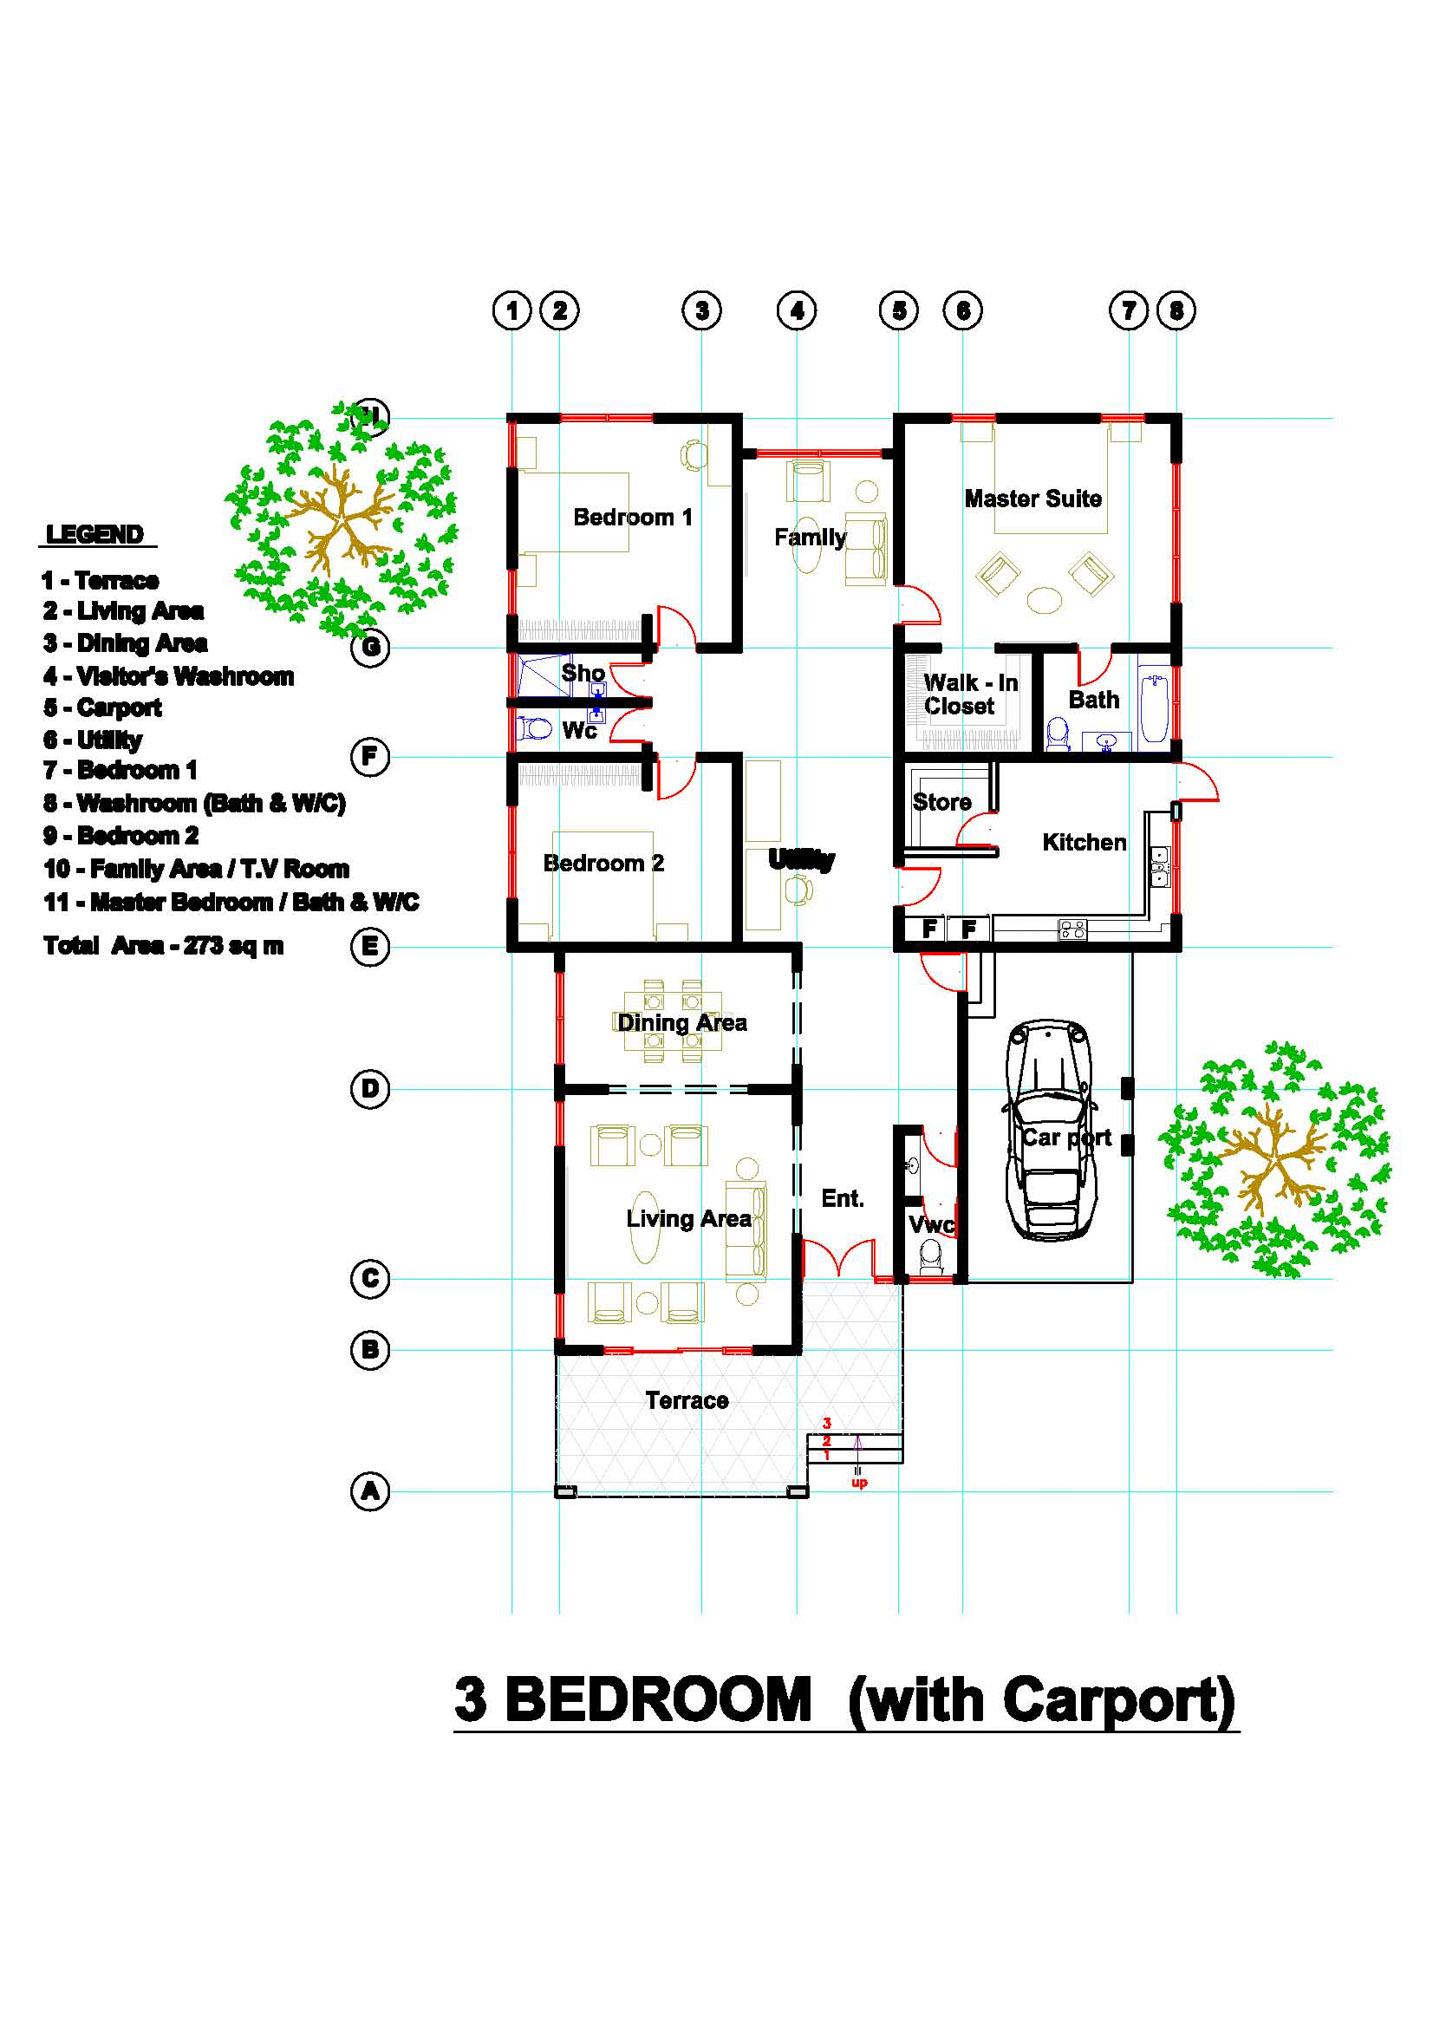 3 Bedroom (with carport) Floor Plan